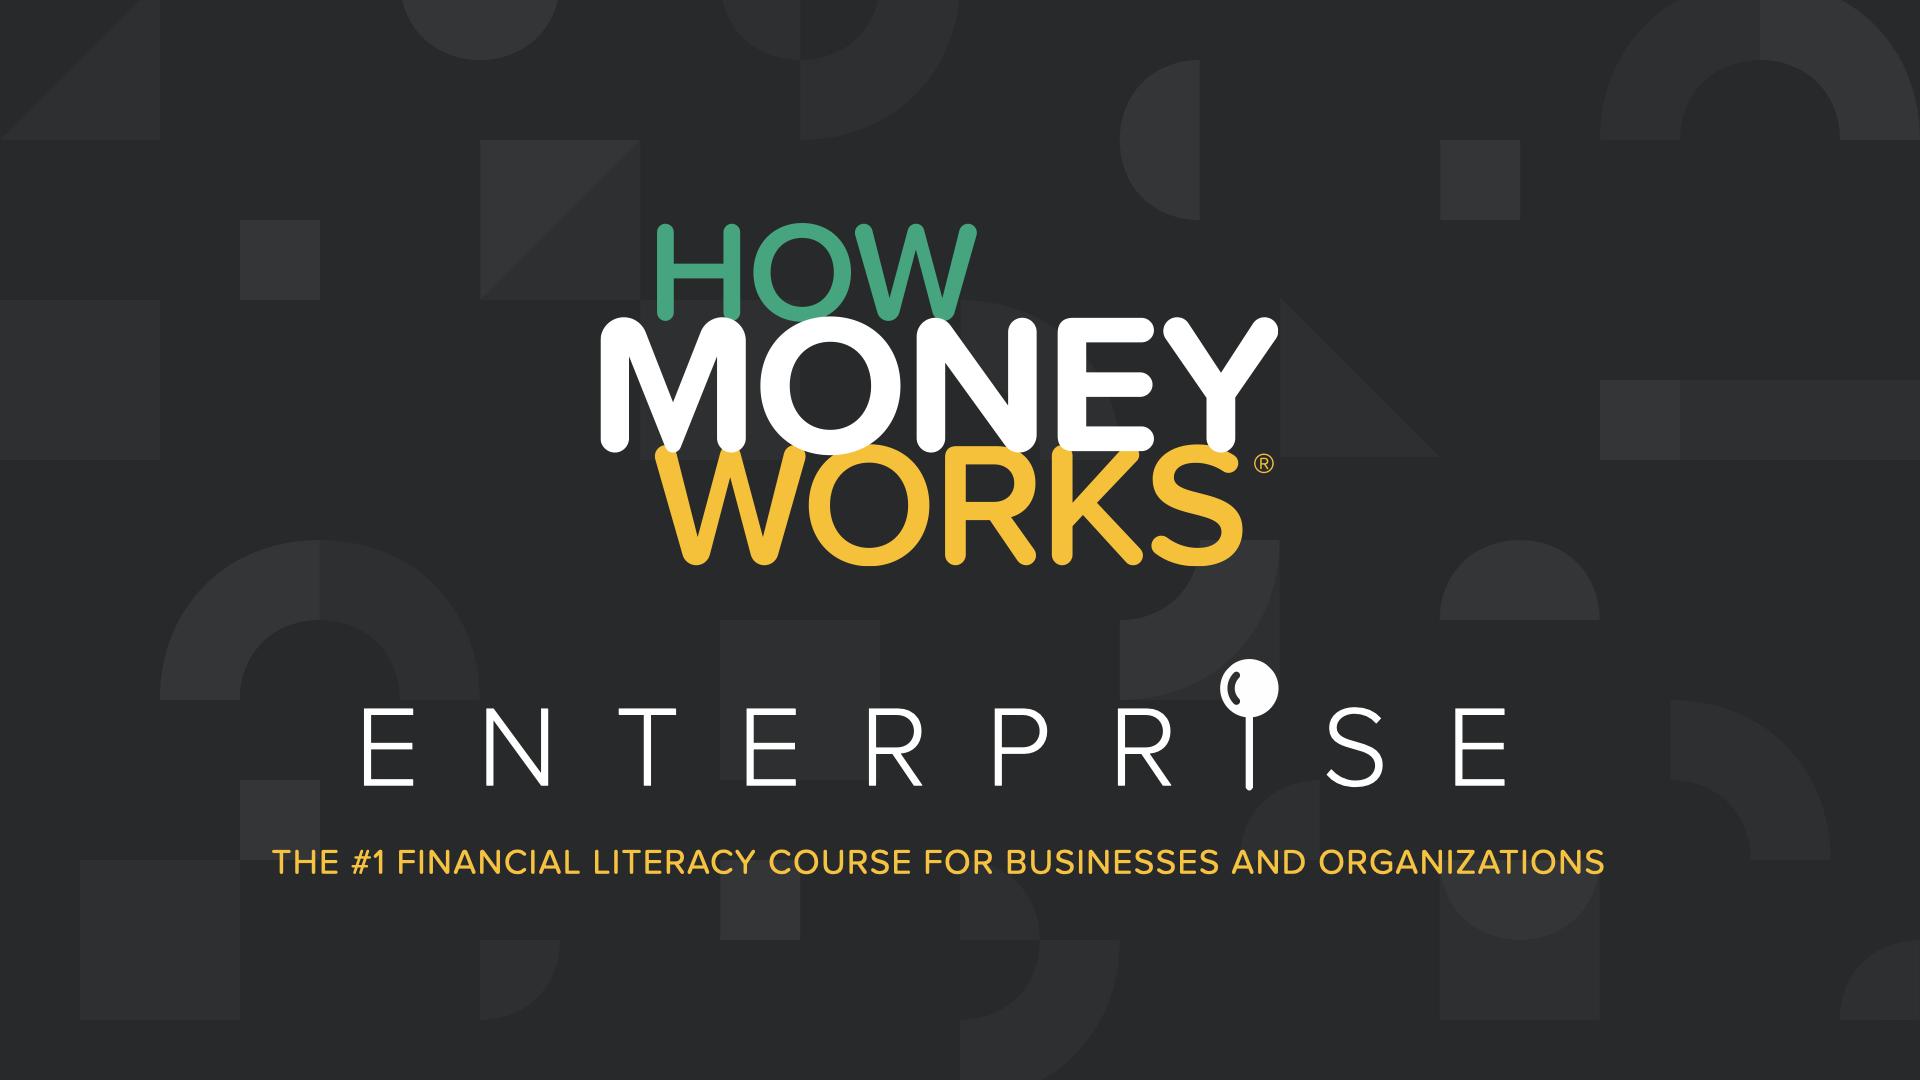 HowMoneyWorks Enterprise